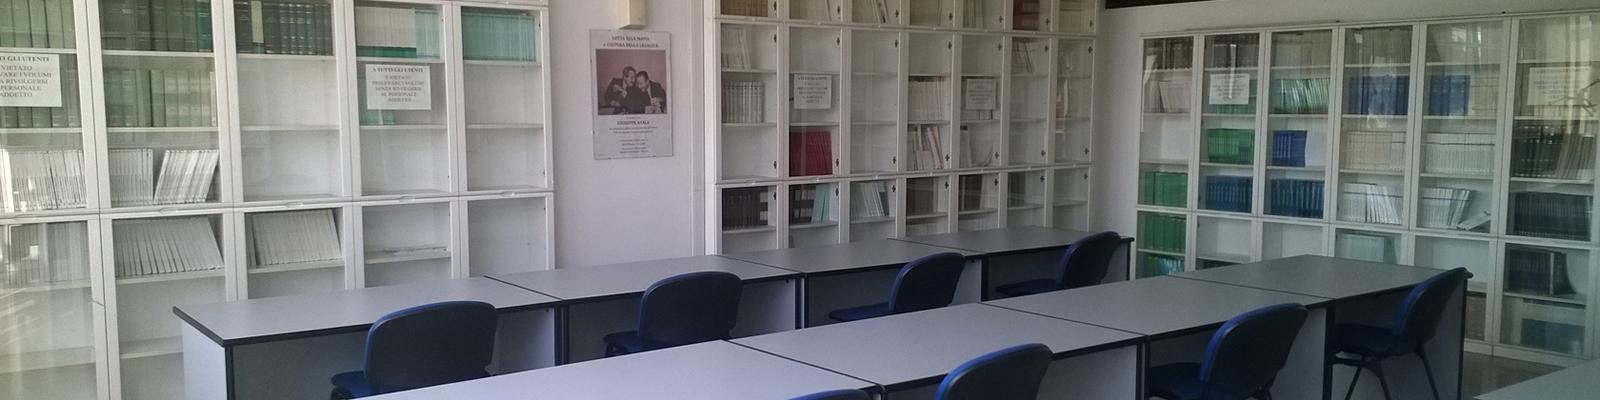 Biblioteca del Dipartimento di Scienze Giuridiche e Sociali